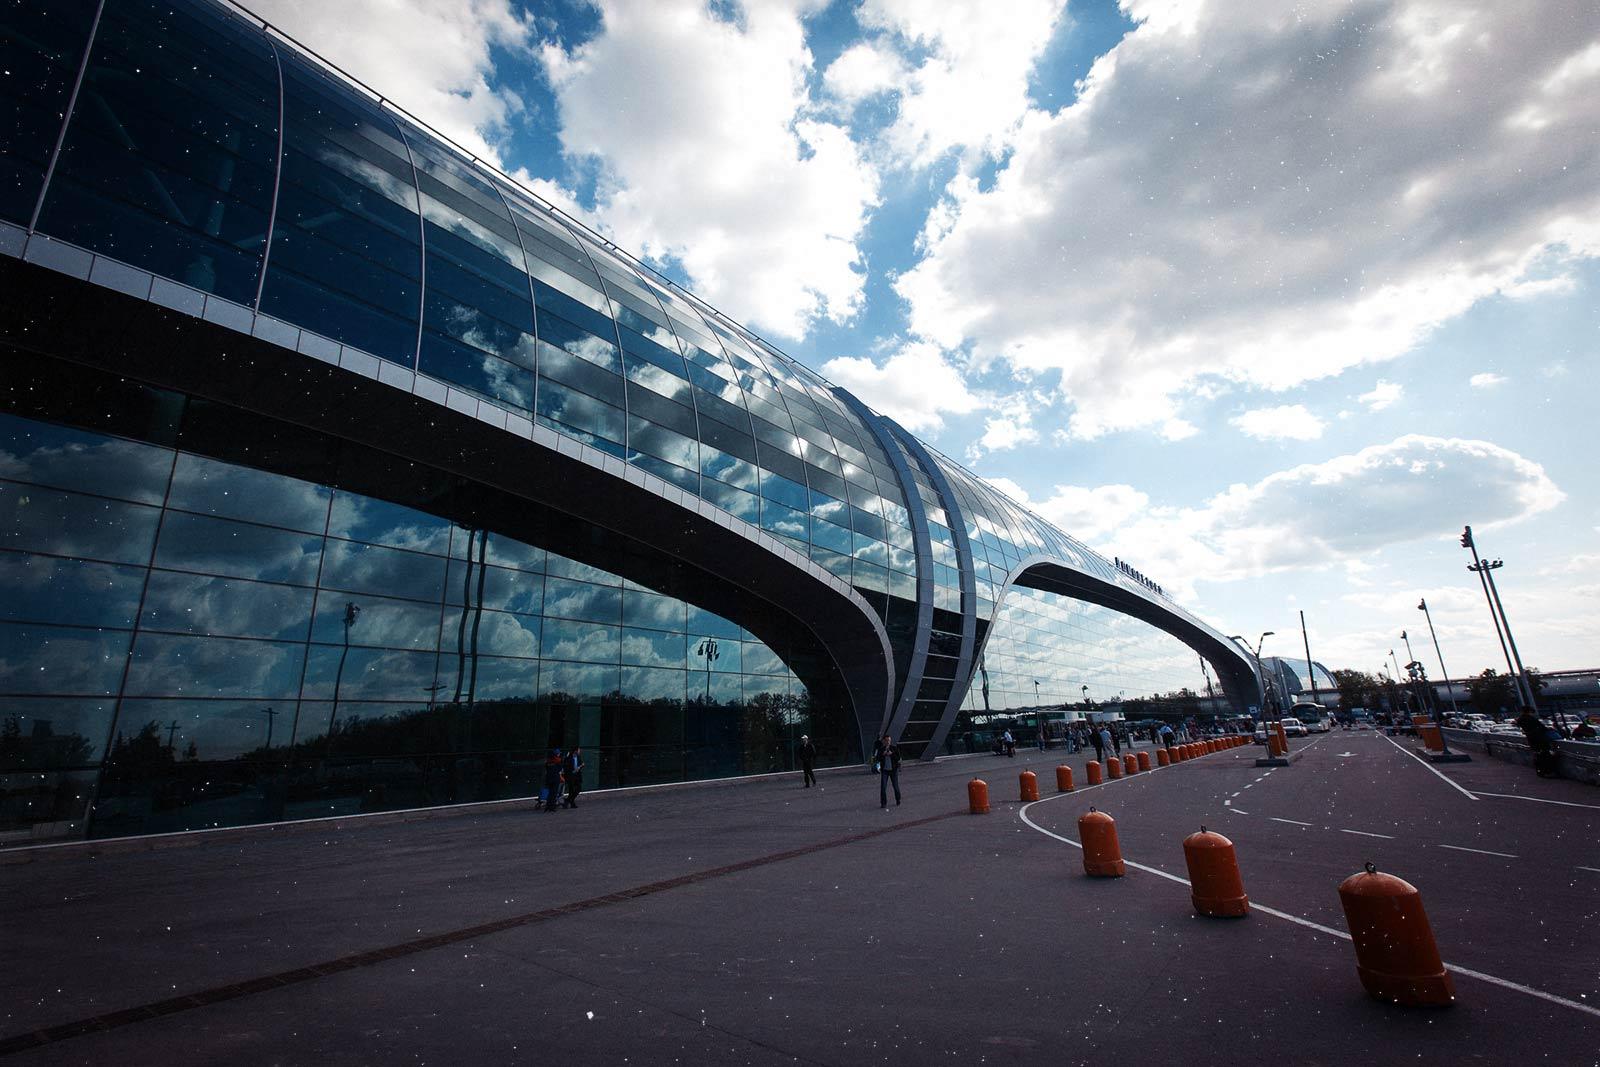 Մոսկվայում ավելի քան 20 չվերթ է չեղյալ հայտարարվել